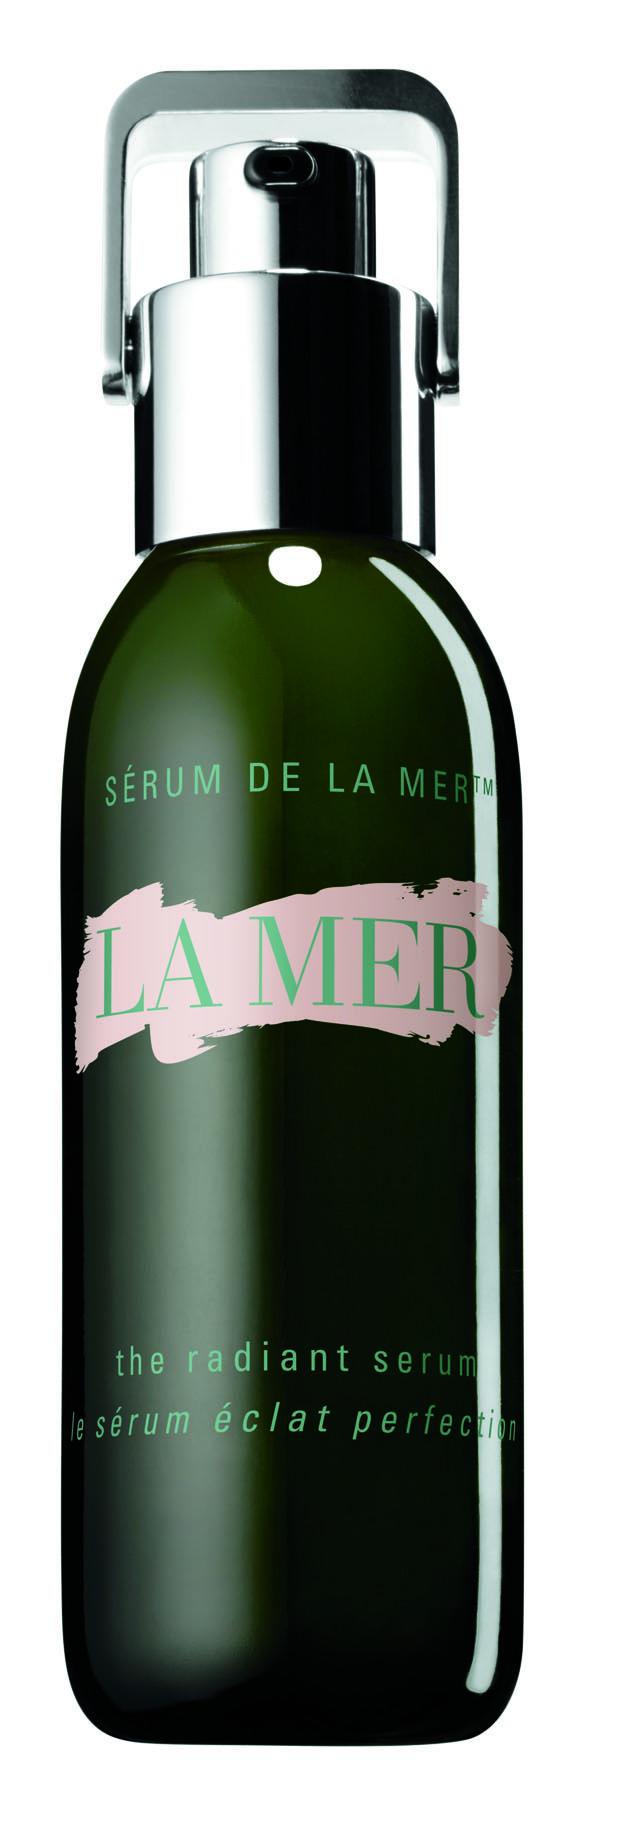 La Mer The Radiant Serum